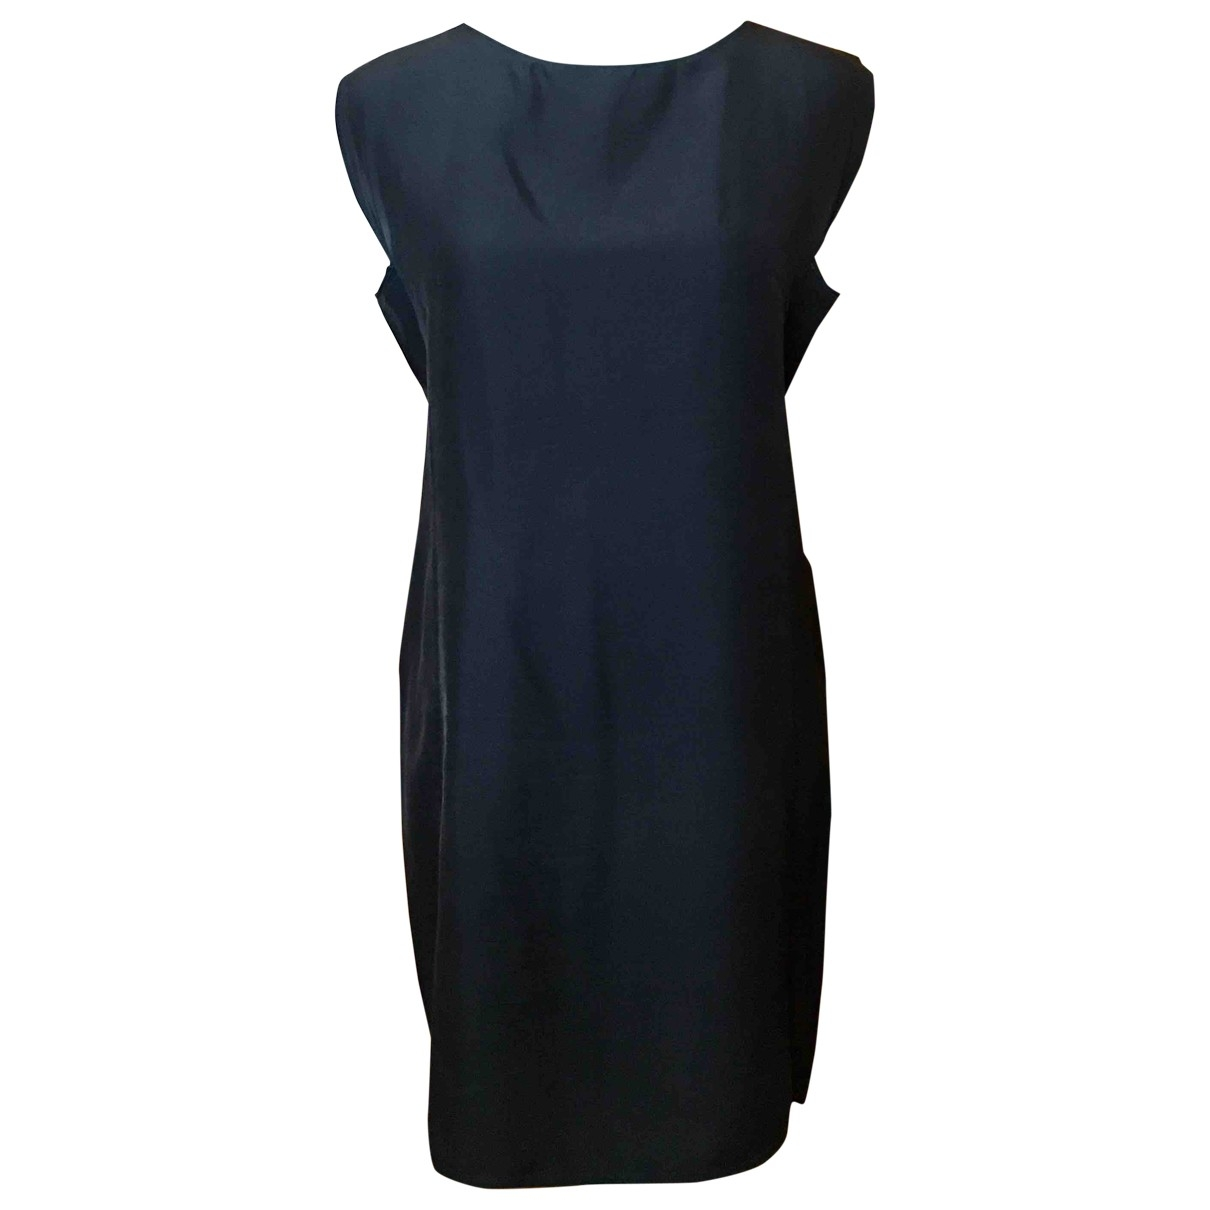 Yves Saint Laurent \N Black Silk dress for Women 38 IT